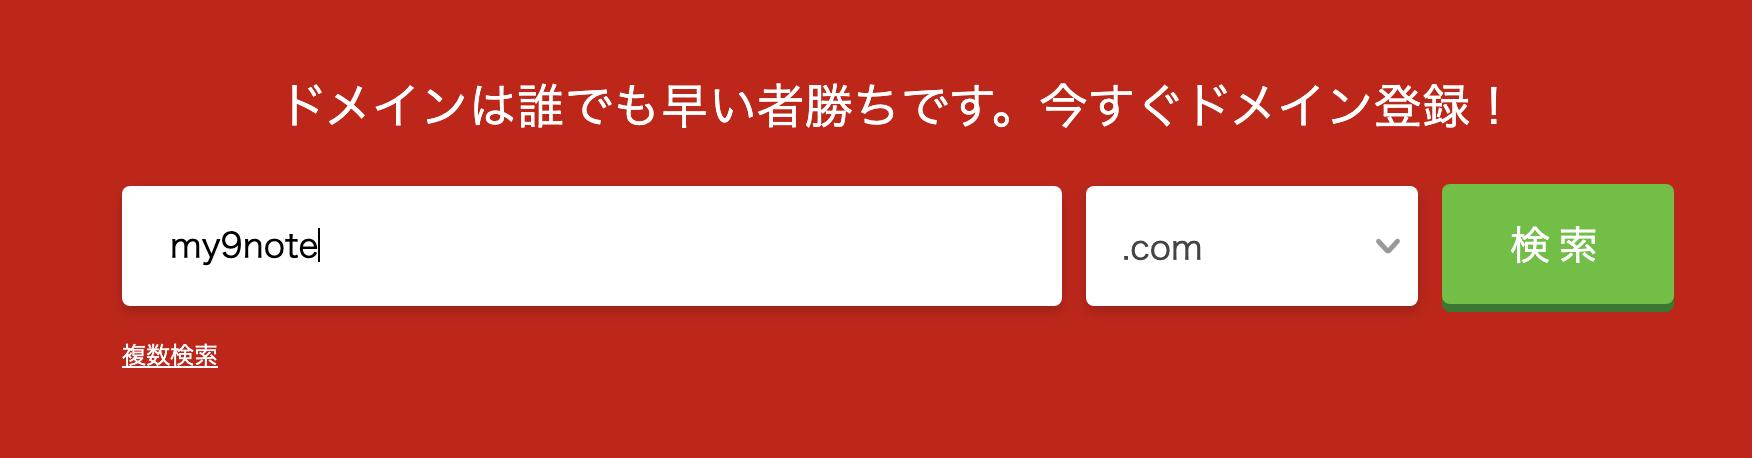 スクリーンショット 2020-05-06 19.06.15